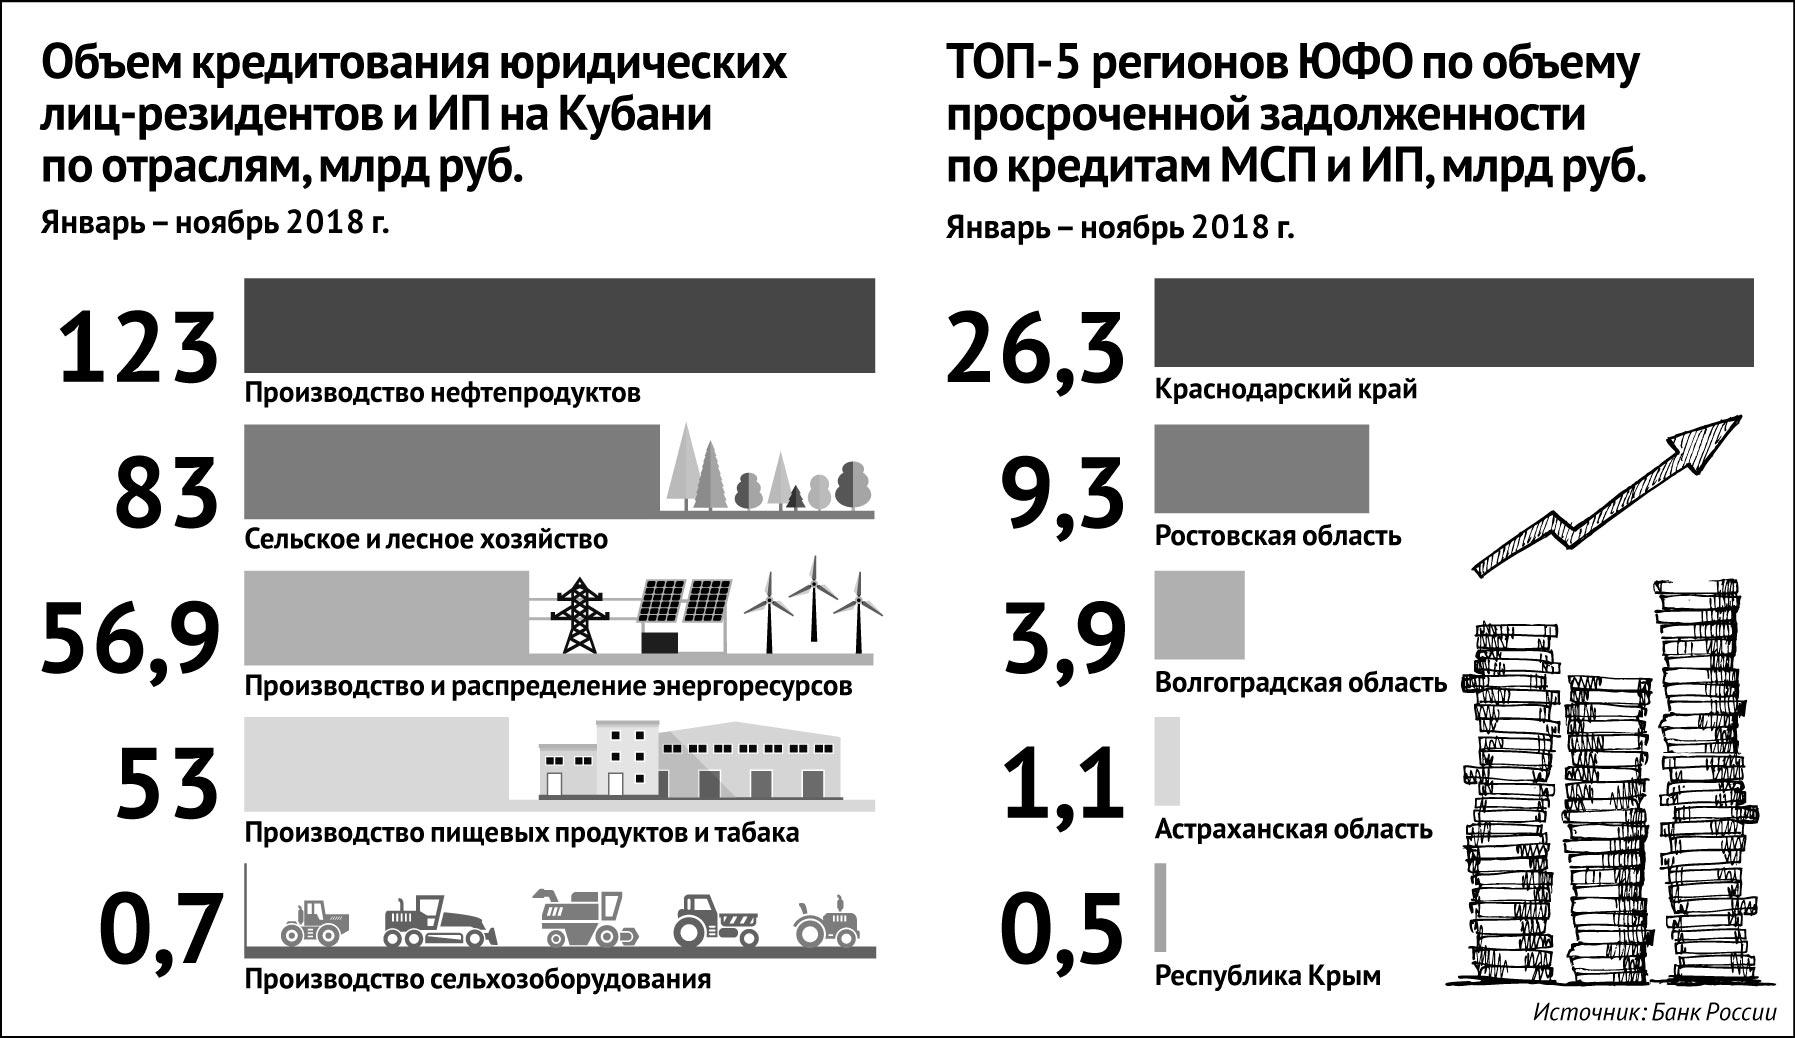 низкие кредиты в банках челябинска otkritie банк узнать статус заявки на рефинансирования